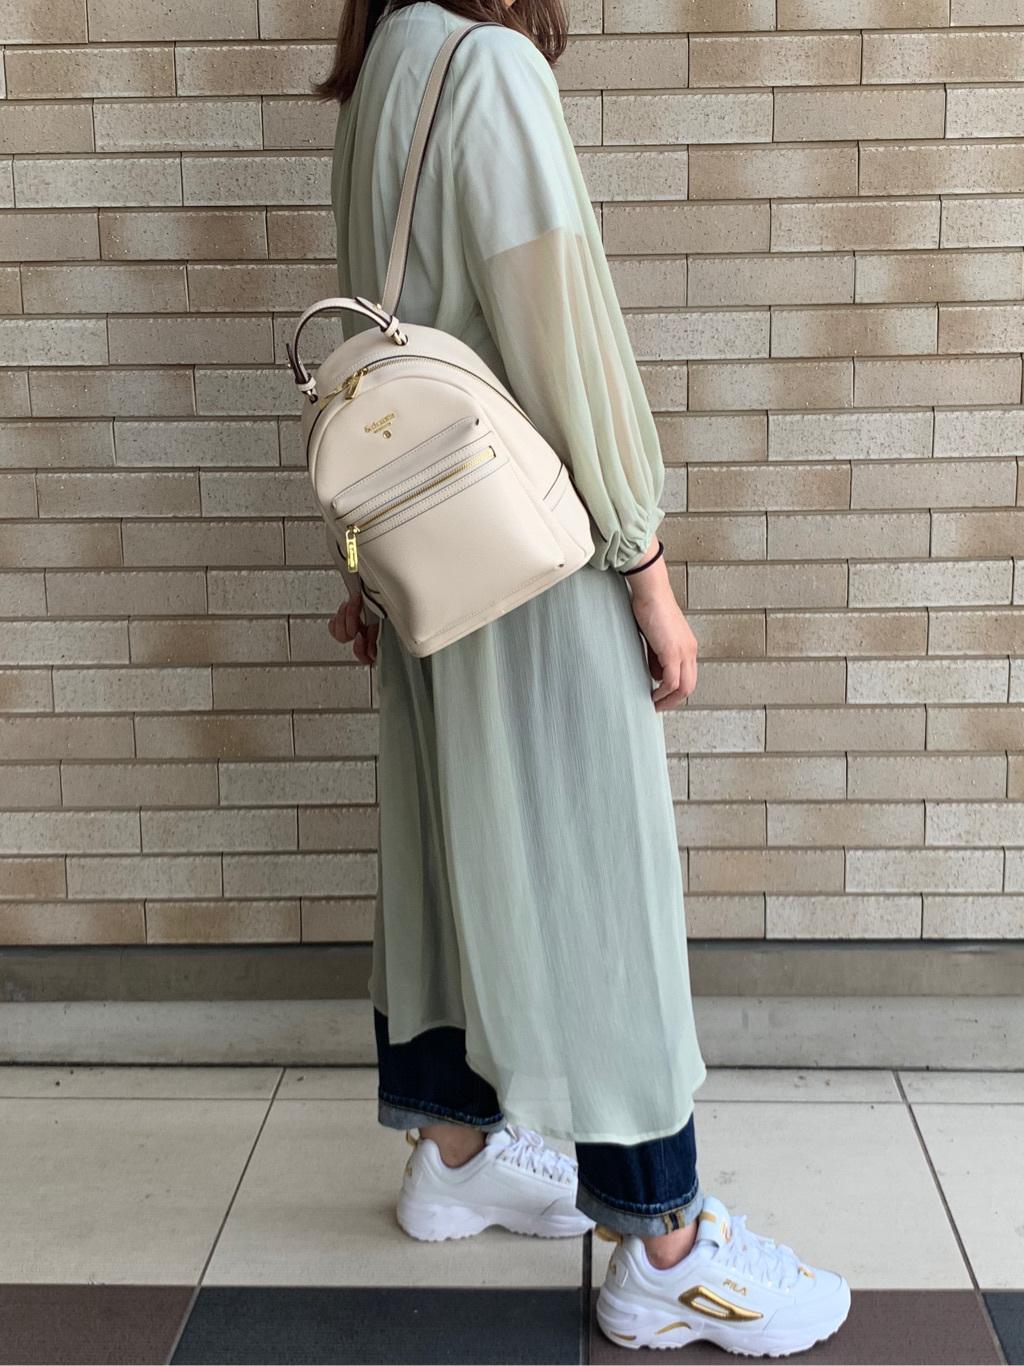 &シュエットイオンレイクタウン店 Mau.